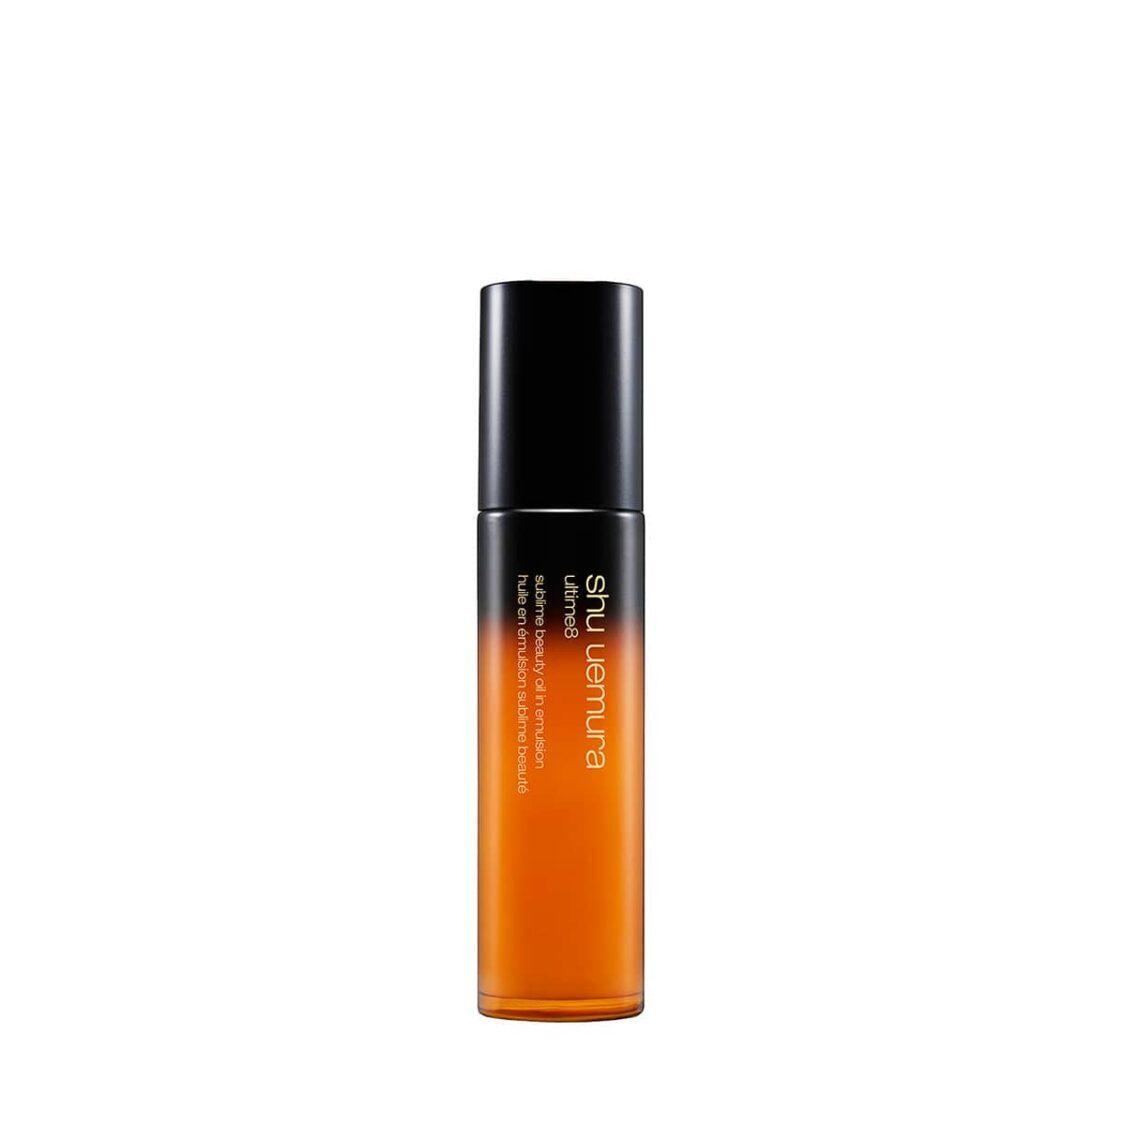 Shu Uemura Ultime8 Emulsion 75ml